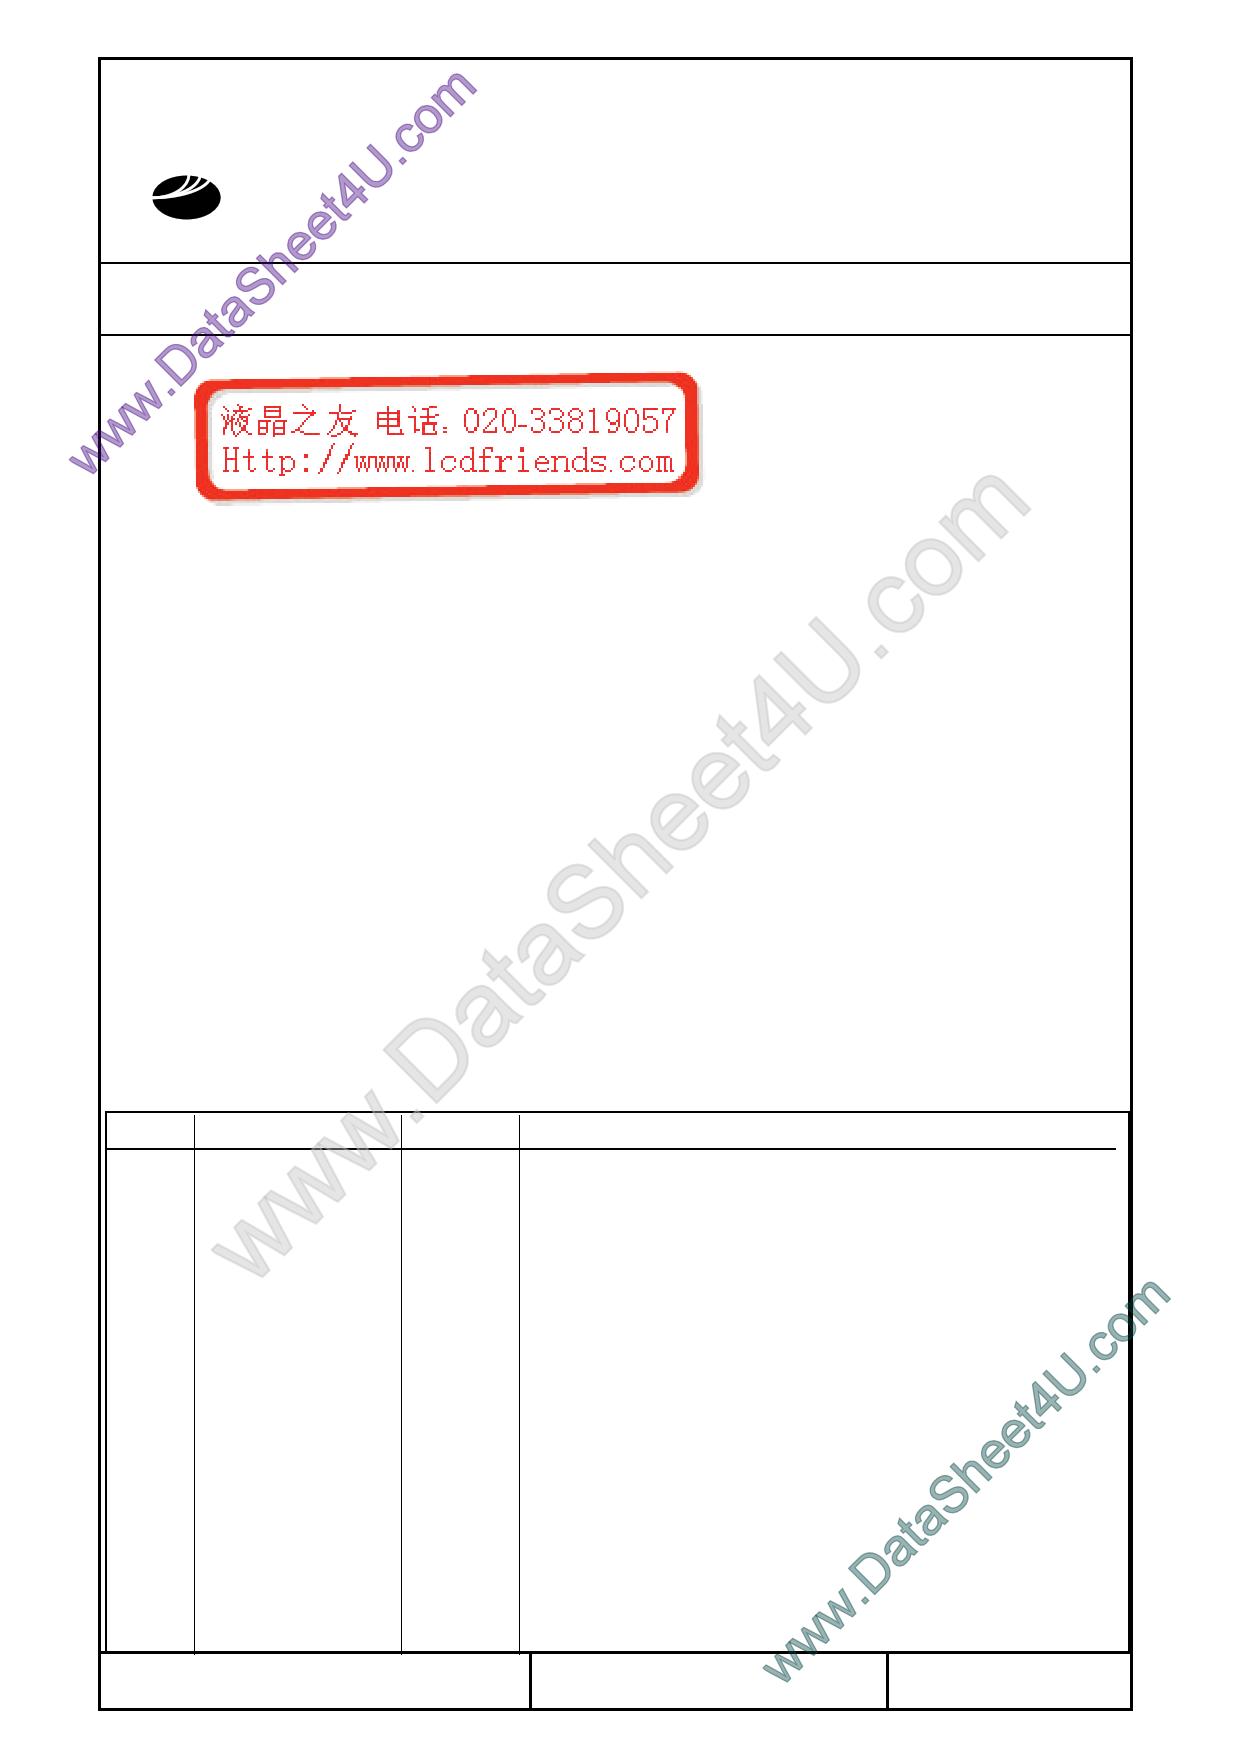 T-51381L064J_FW_P_AC دیتاشیت PDF